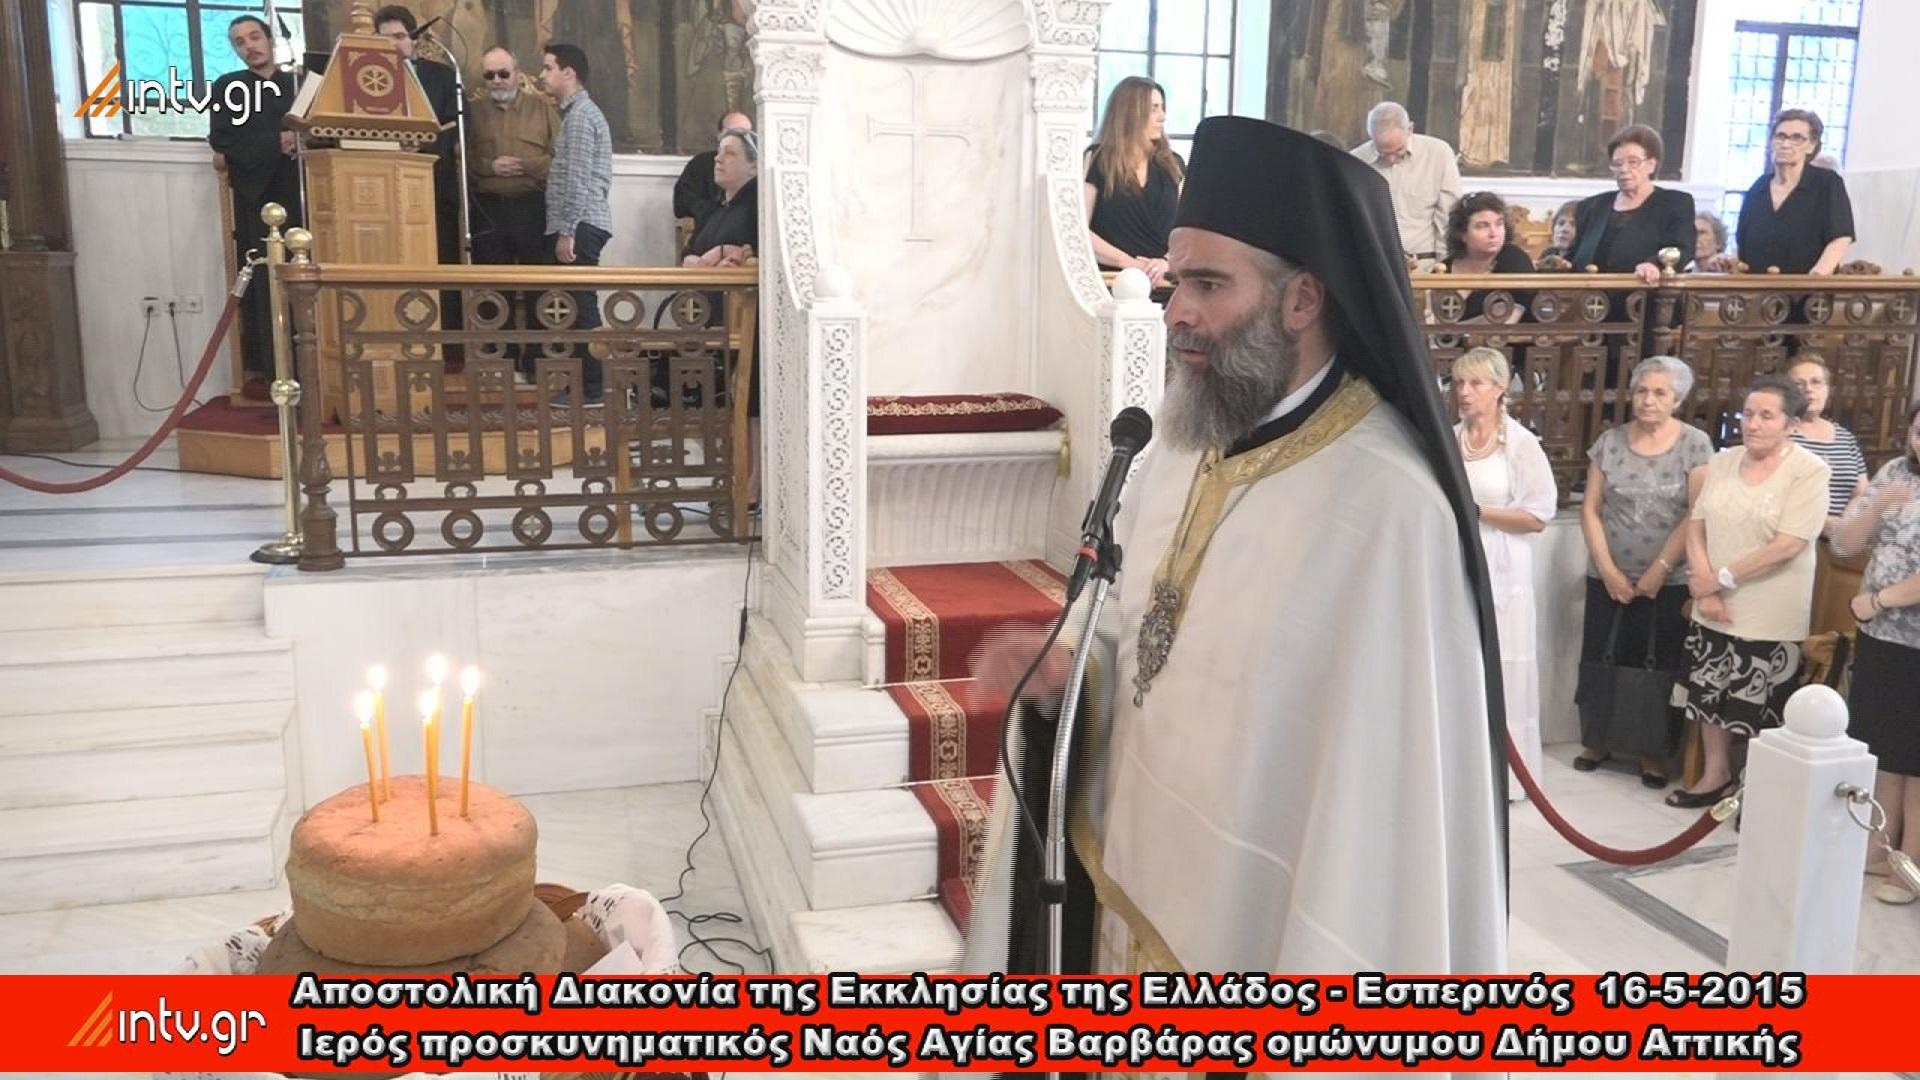 Αποστολική Διακονία της Εκκλησίας της Ελλάδος - Ιερός προσκυνηματικός Ναός Αγίας Βαρβάρας ομώνυμου Δήμου Αττικής - Εσπερινός.